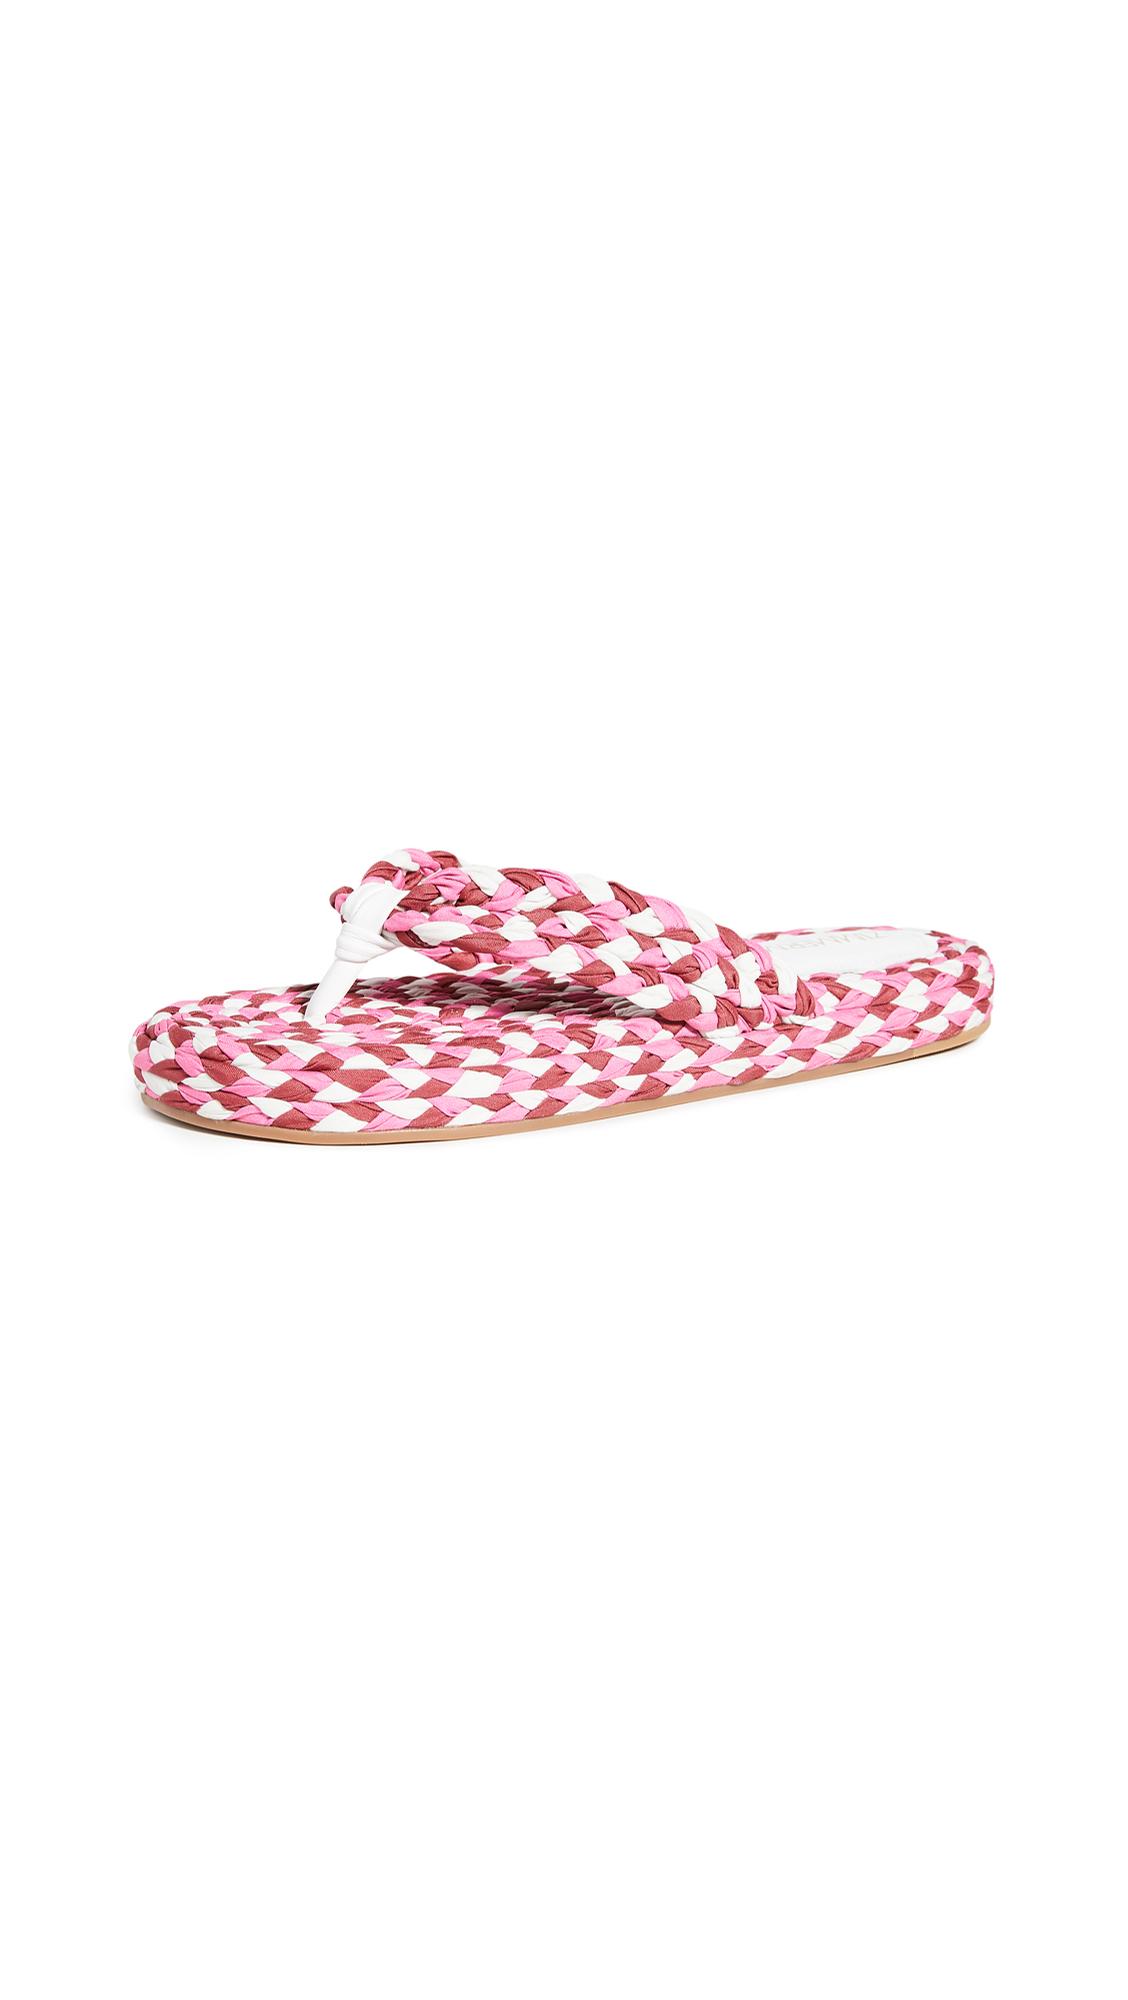 Zimmermann Cotton Braid Sandals - 60% Off Sale